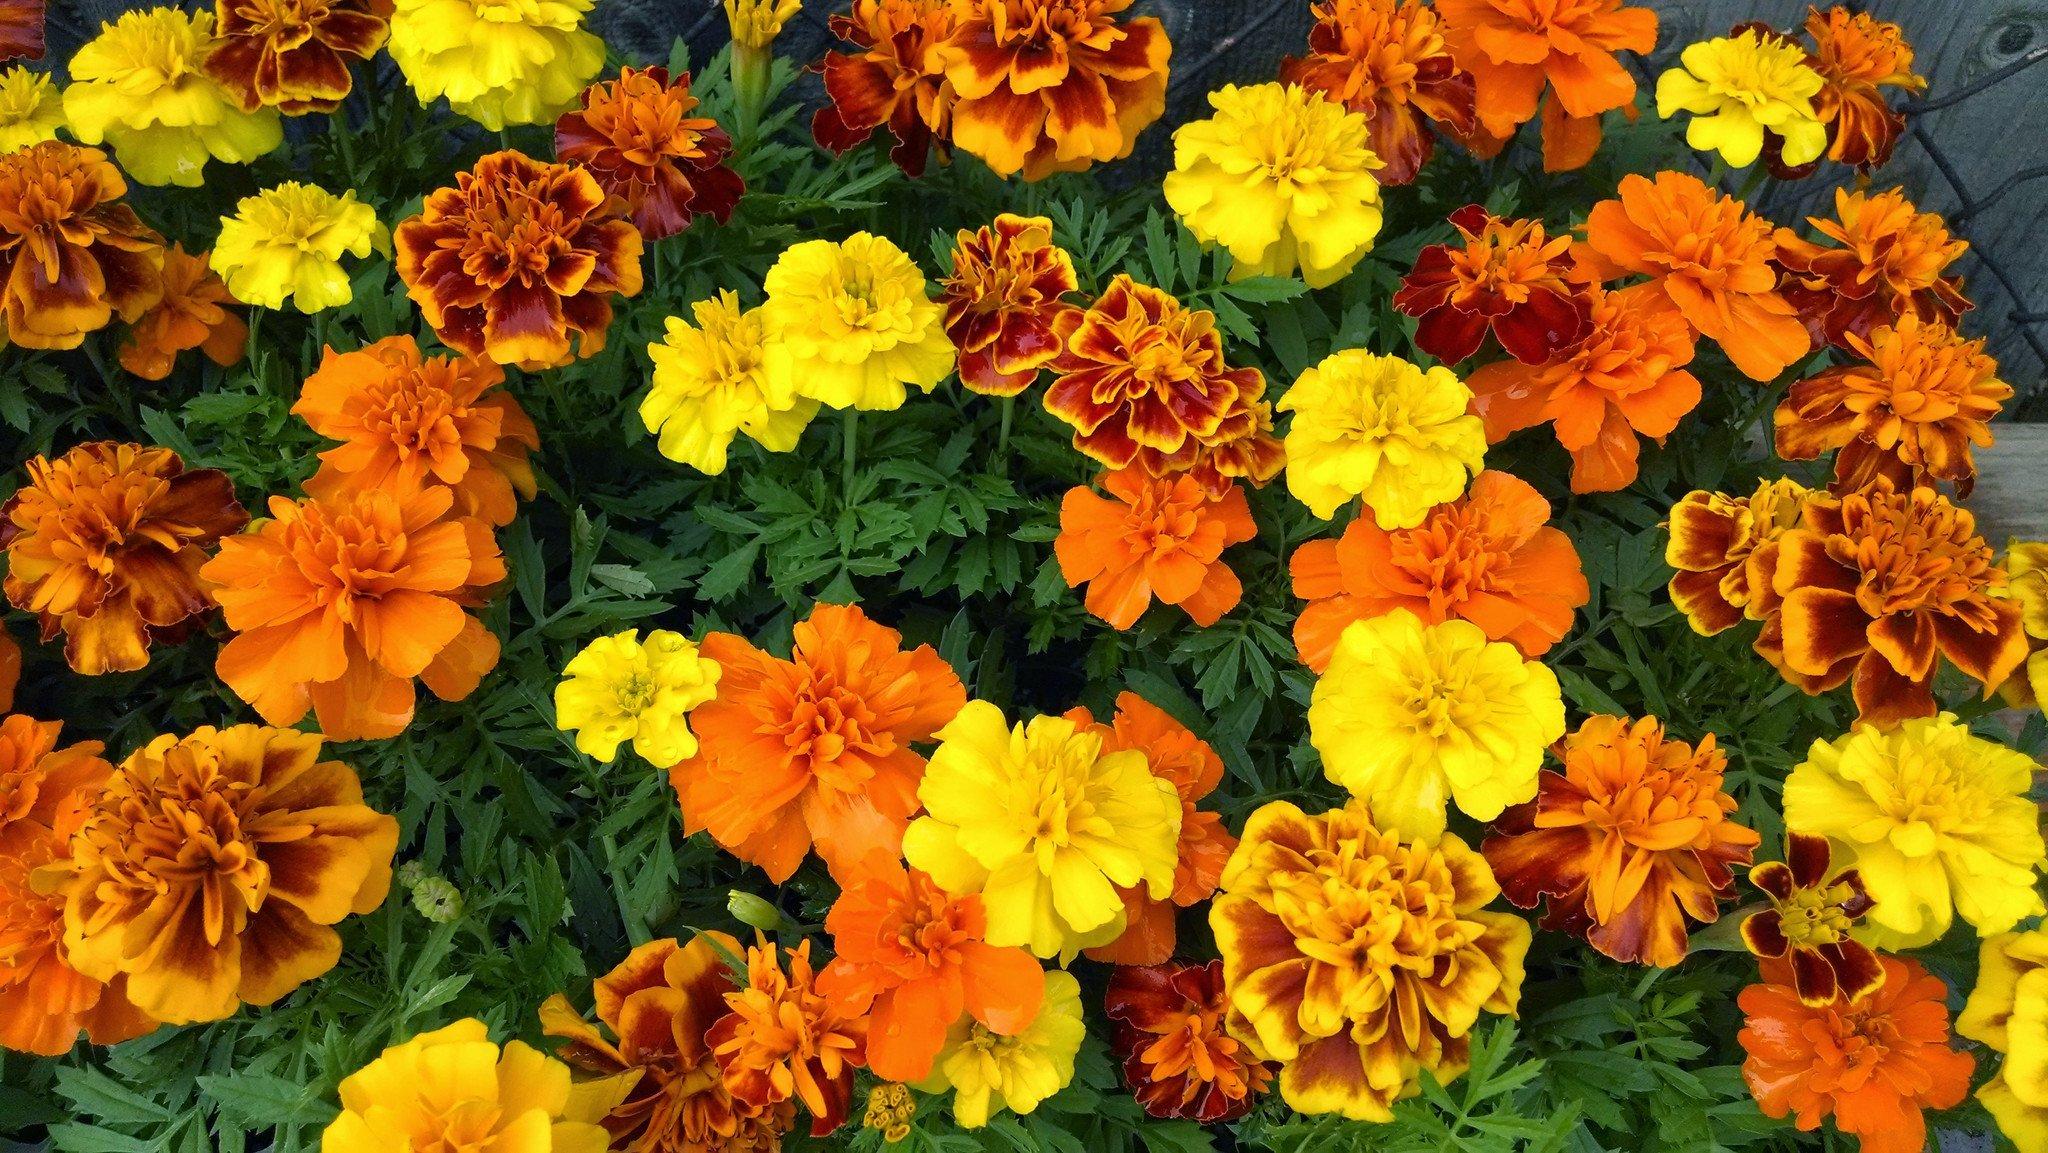 Những cây hoa cúc vạn thọ cực đẹp rất đẹp